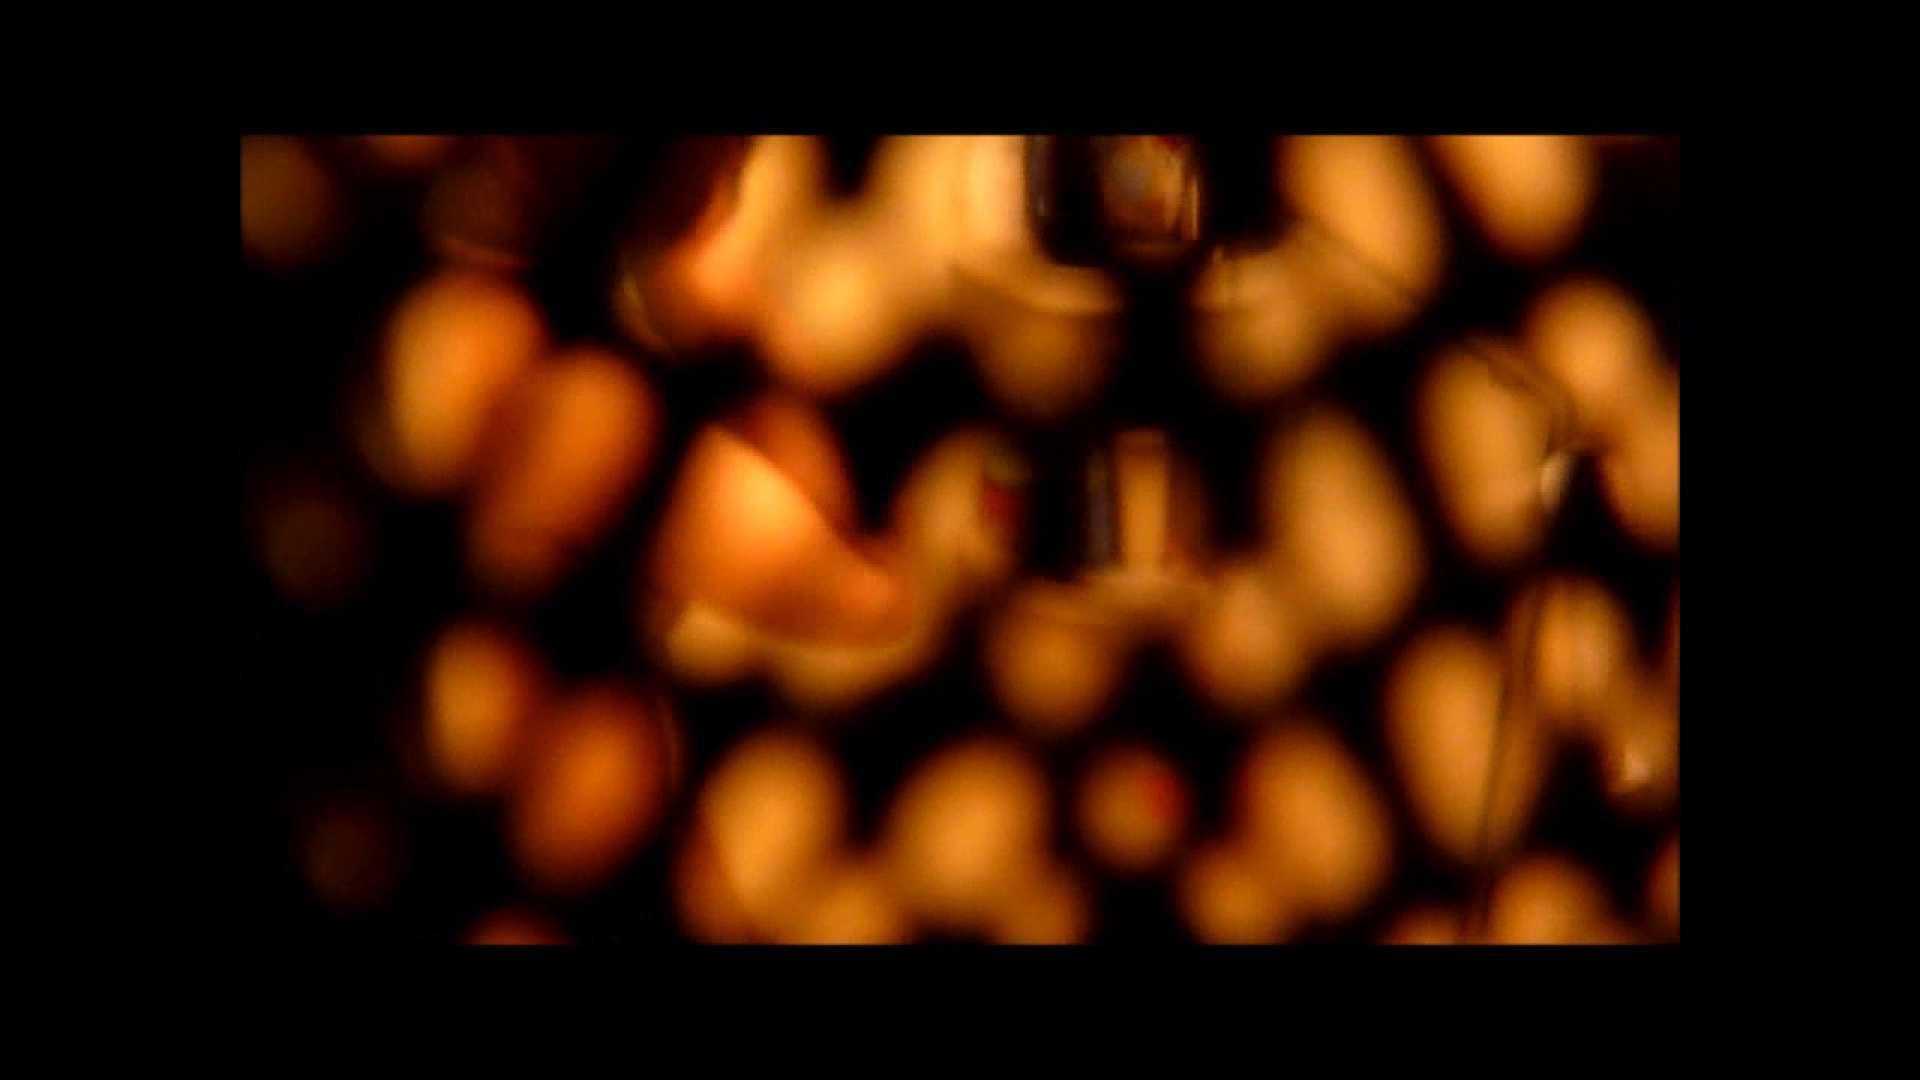 【02】ベランダに侵入して張り込みを始めて・・・やっと結果が出ました。 マンコ特集 | オマンコ丸見え  25連発 8